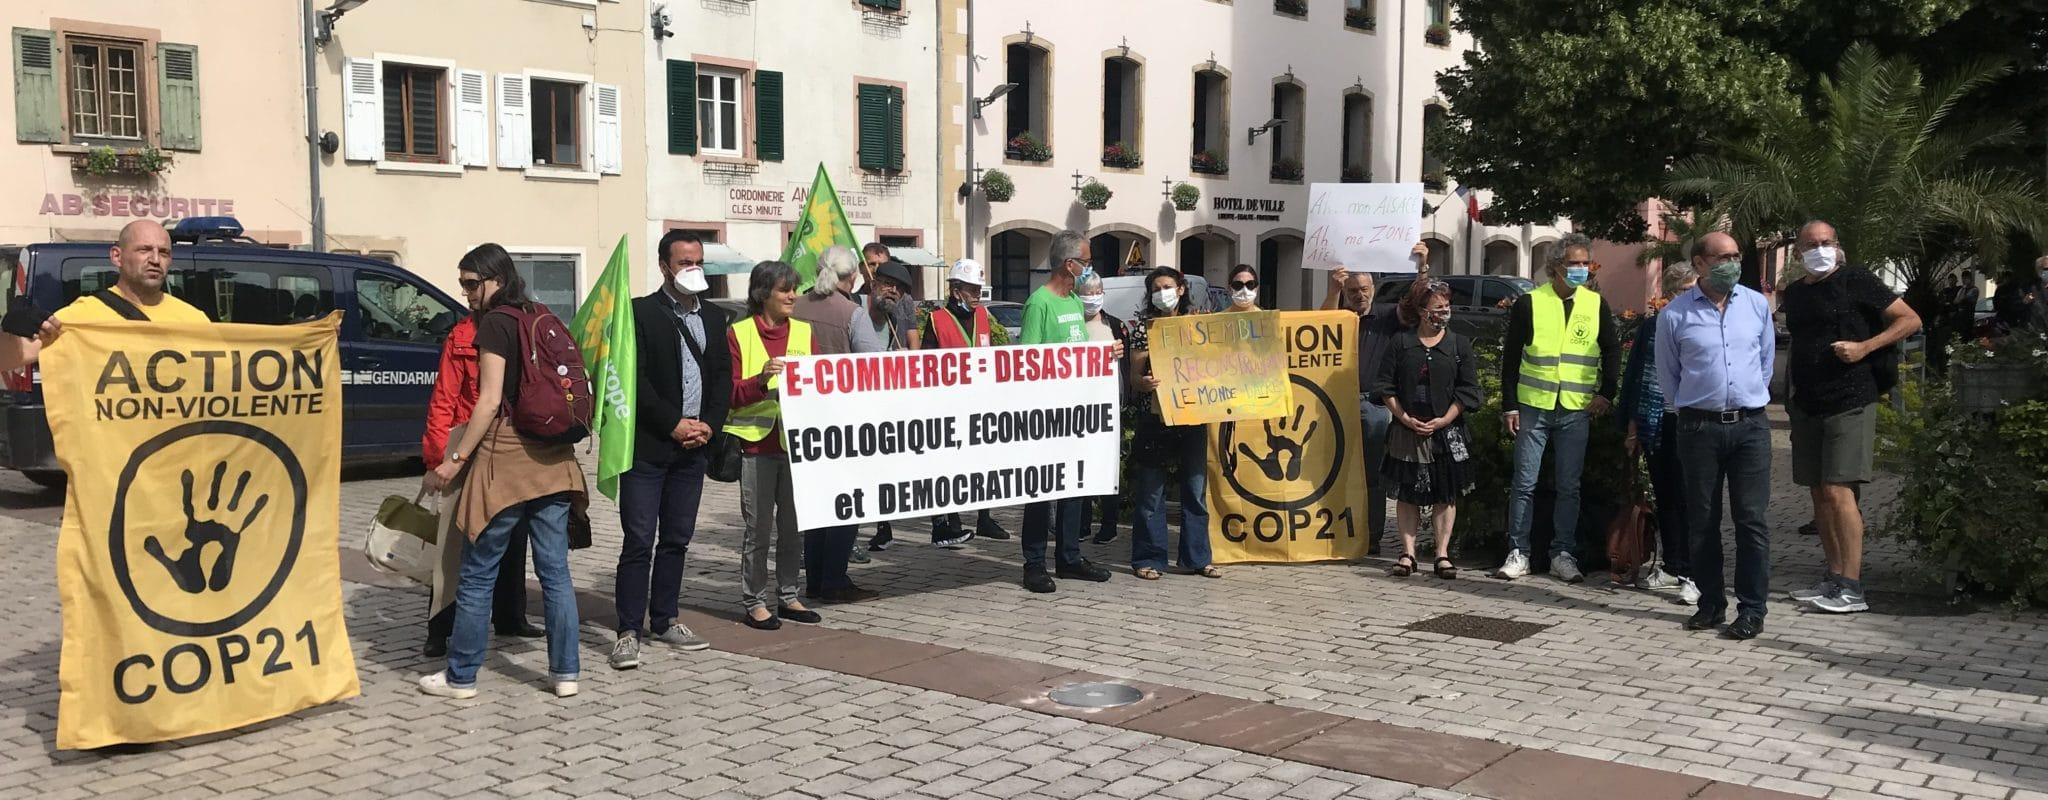 Dans l'Alsace du sud, mobilisation in-extremis face à un entrepôt géant d'e-commerce